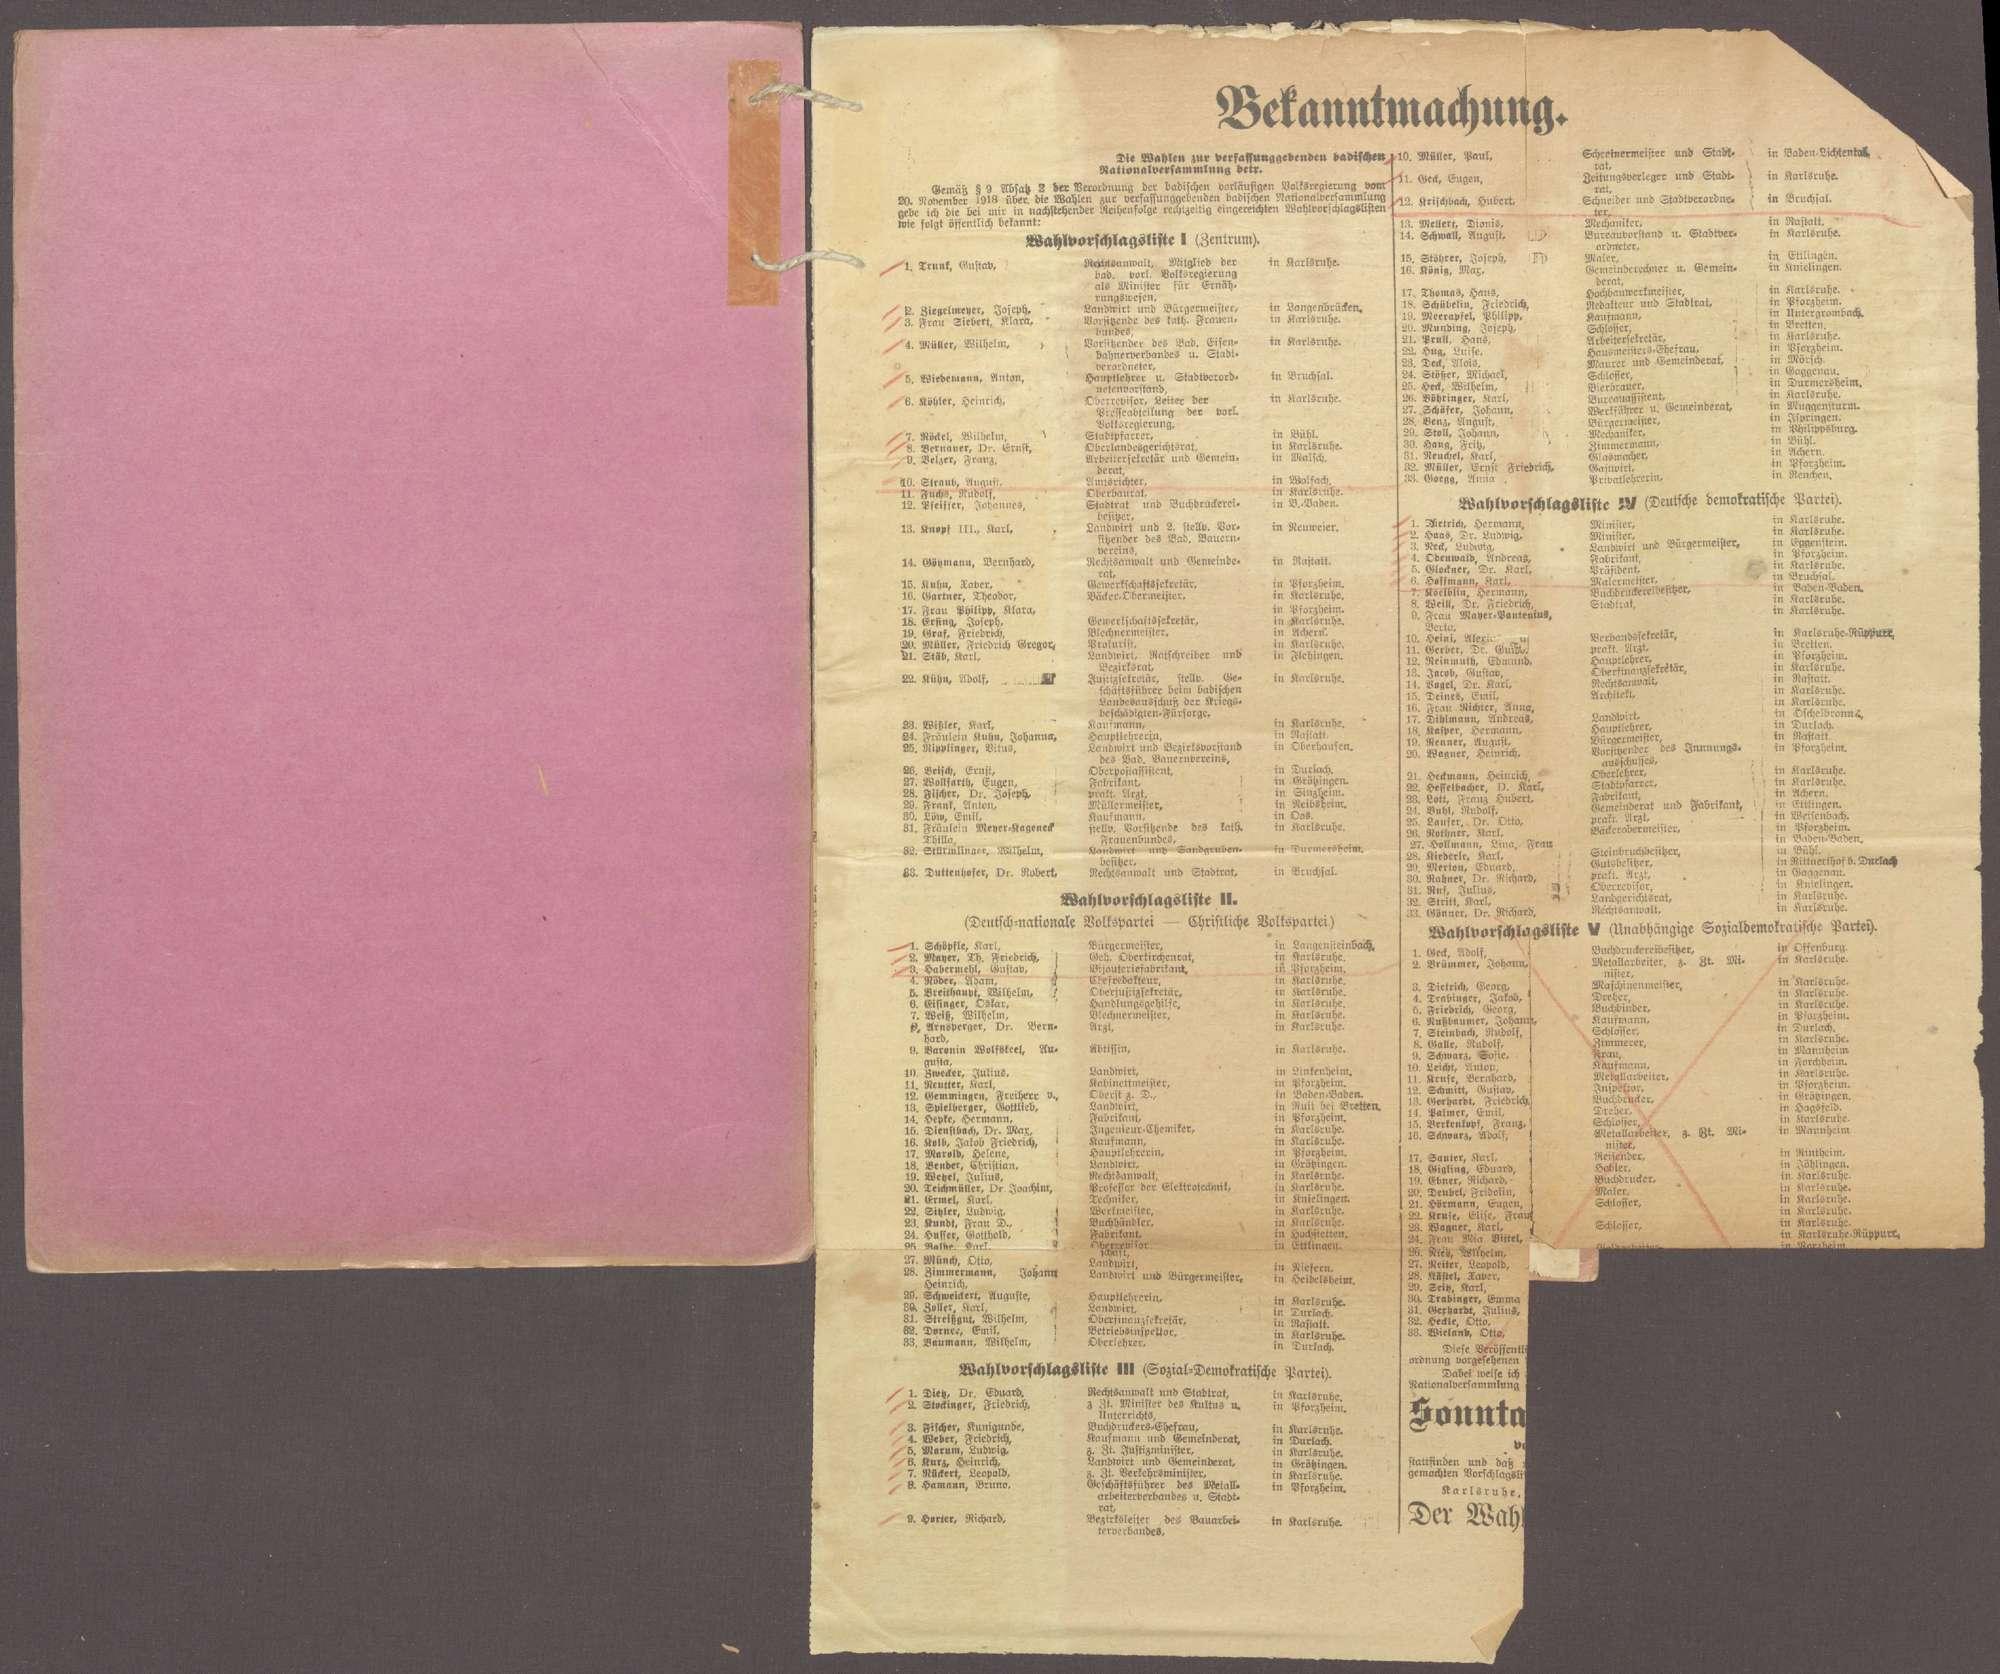 Wahlen zur badischen Nationalversammlung: Wahlvorschläge, Wahlergebnisse, Wahlprüfungen und Wahlproteste (nur Druckschriften und Abschriften), Bild 2